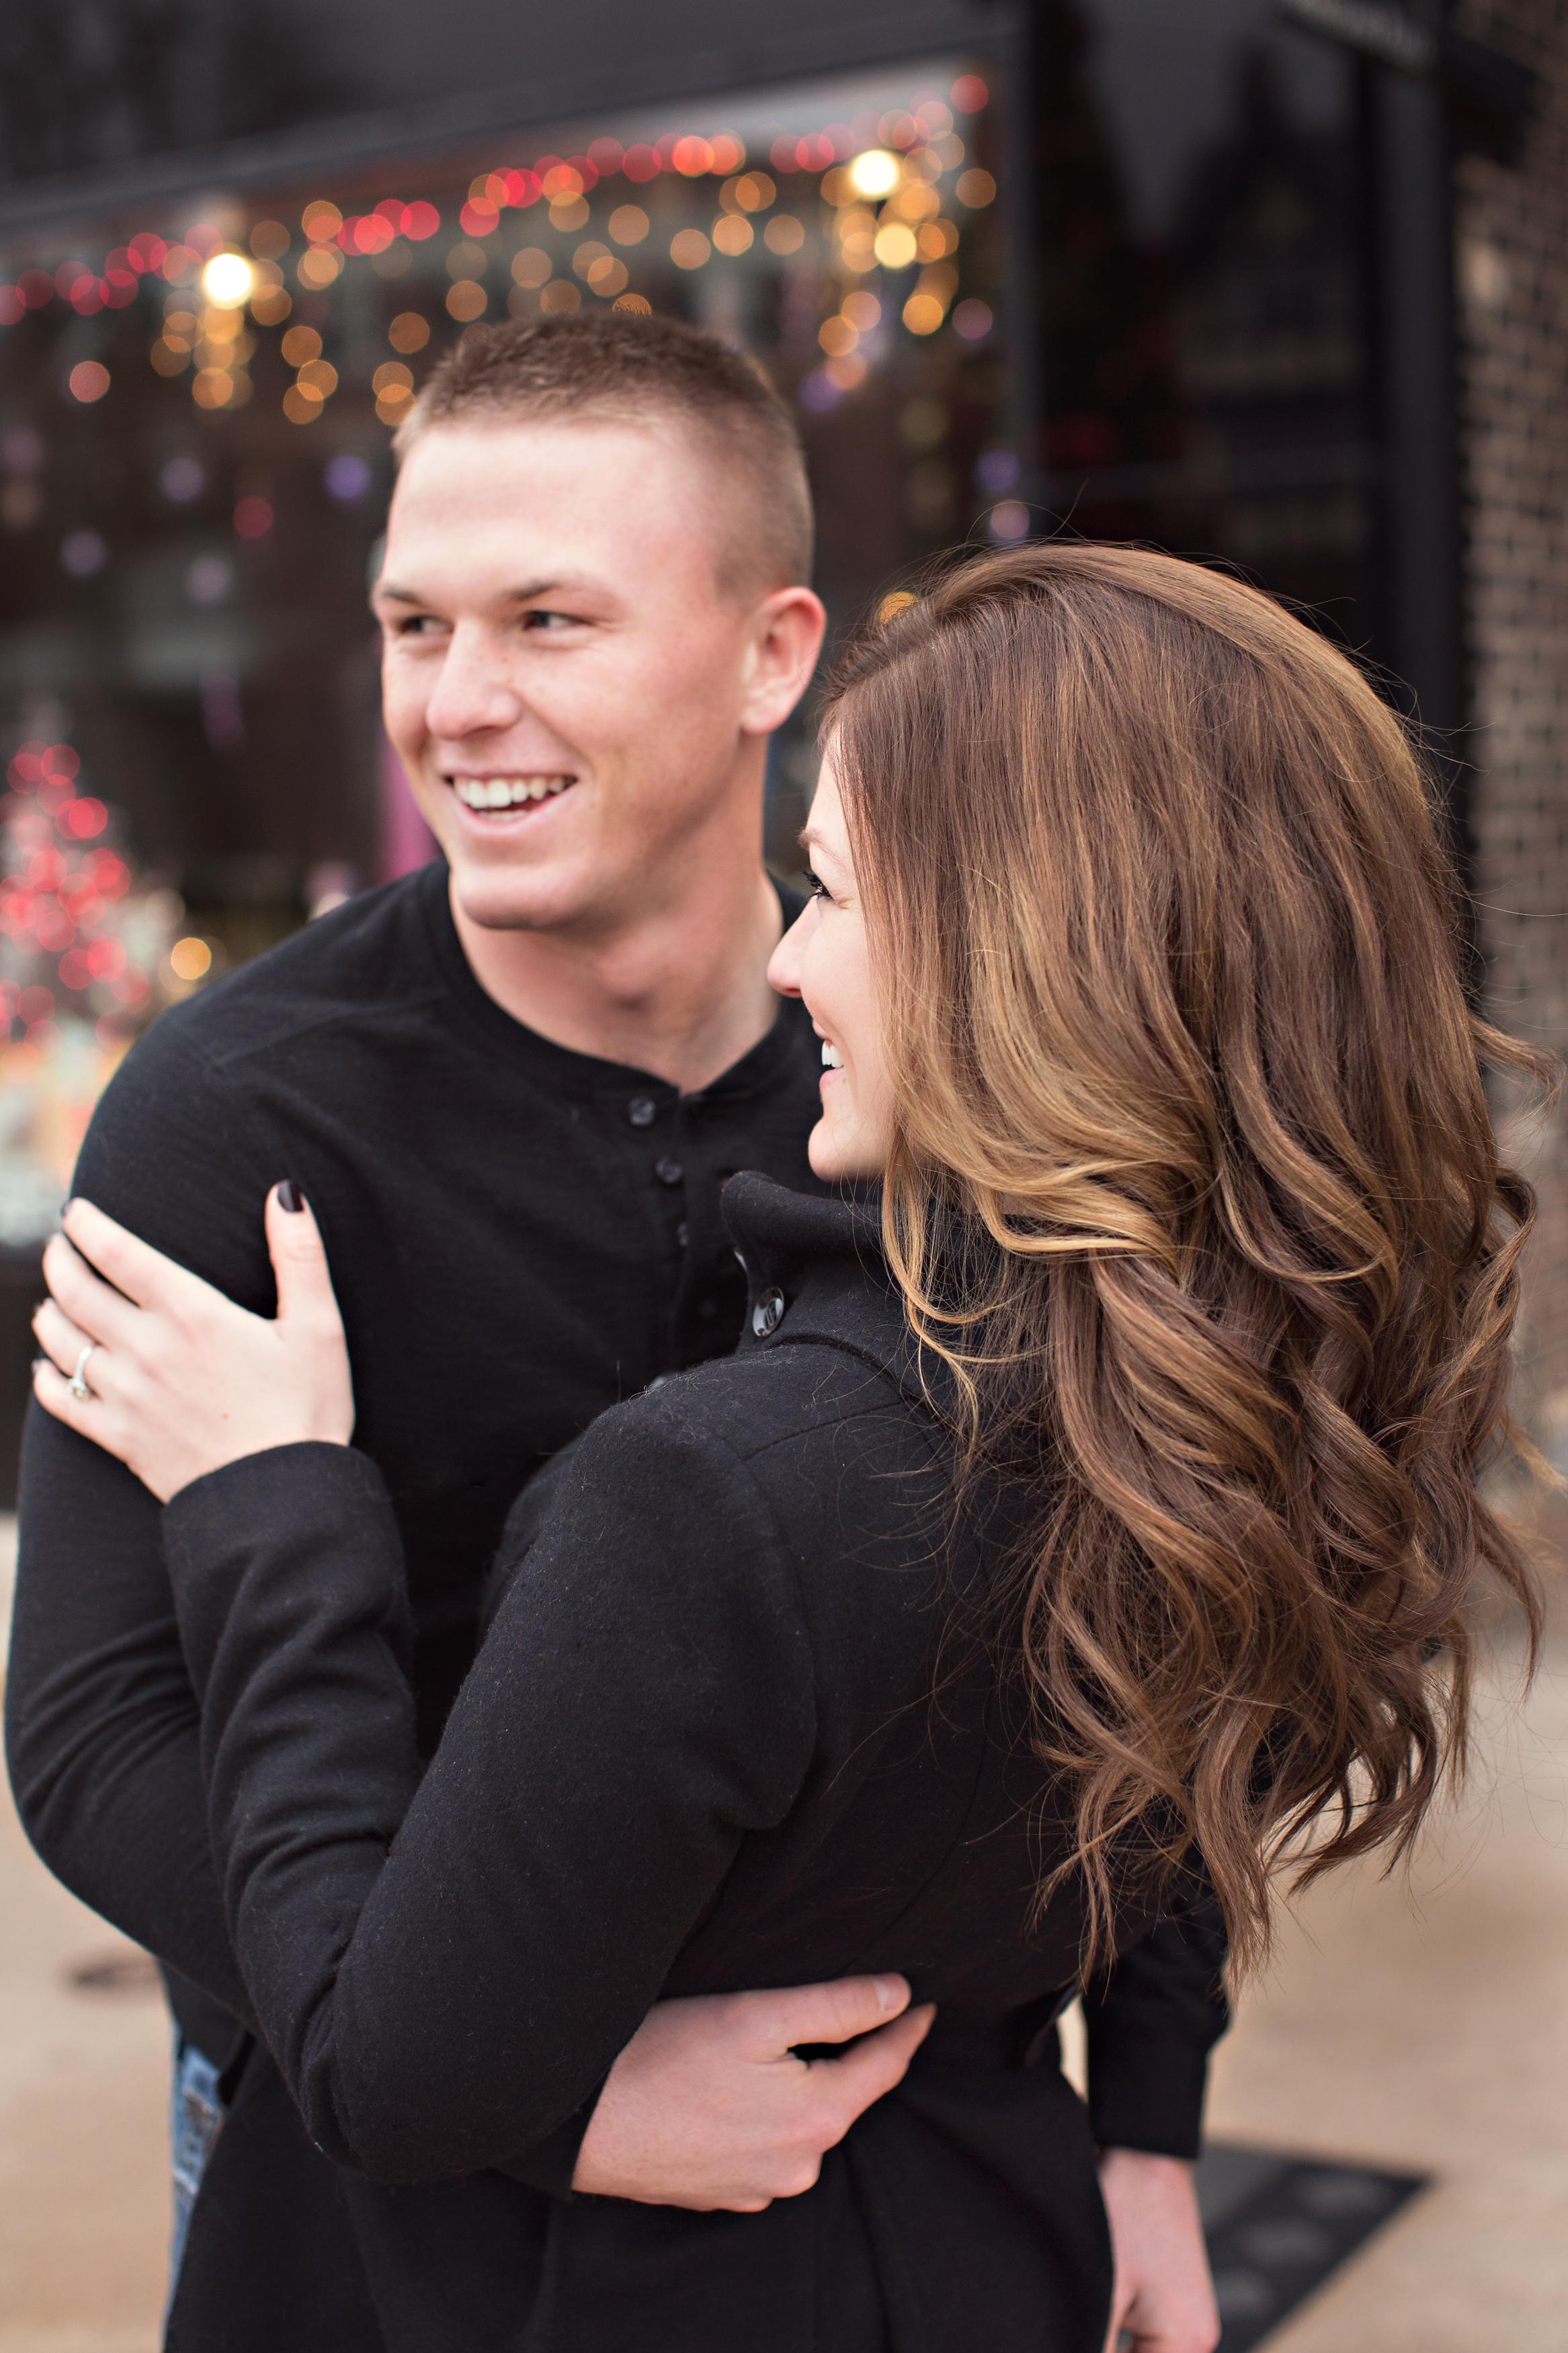 St-Louis-Engagement-Wedding-Photographer-AshlePhoto_0007.JPG